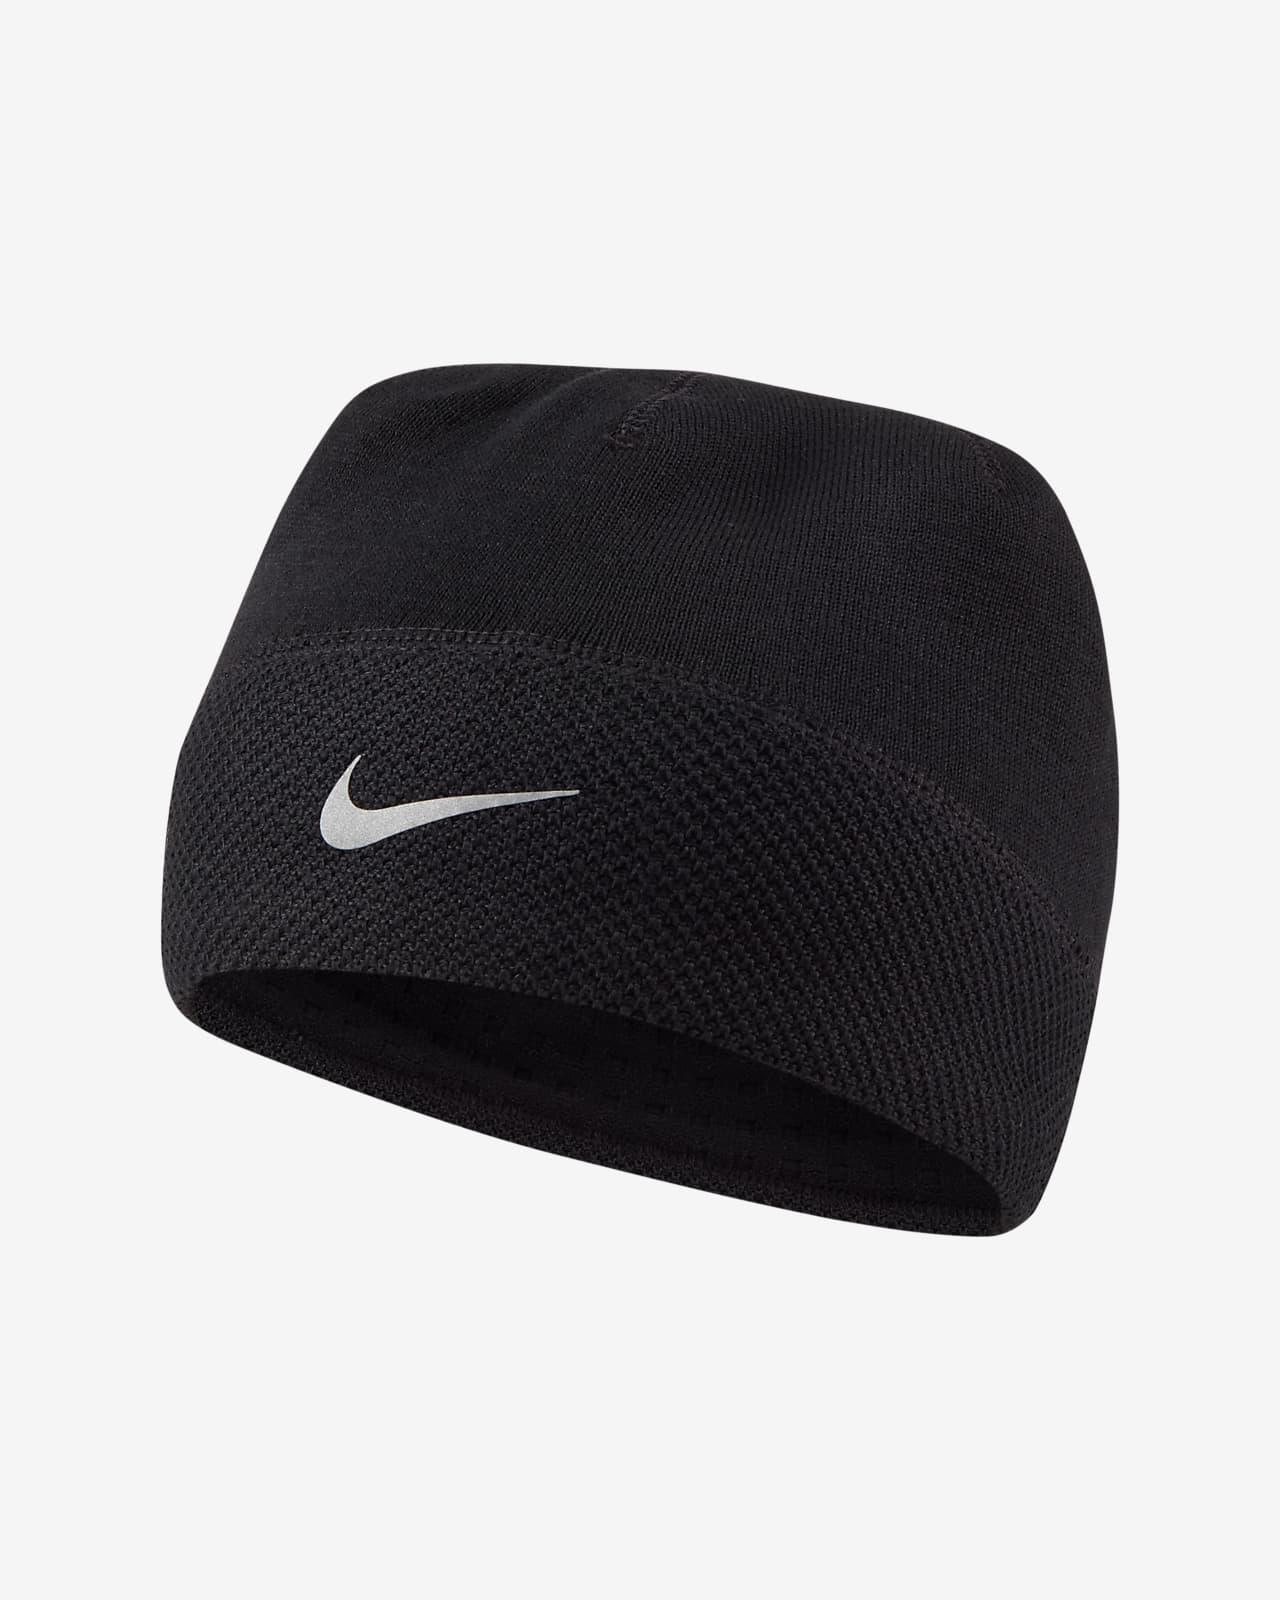 Nike Running Beanie